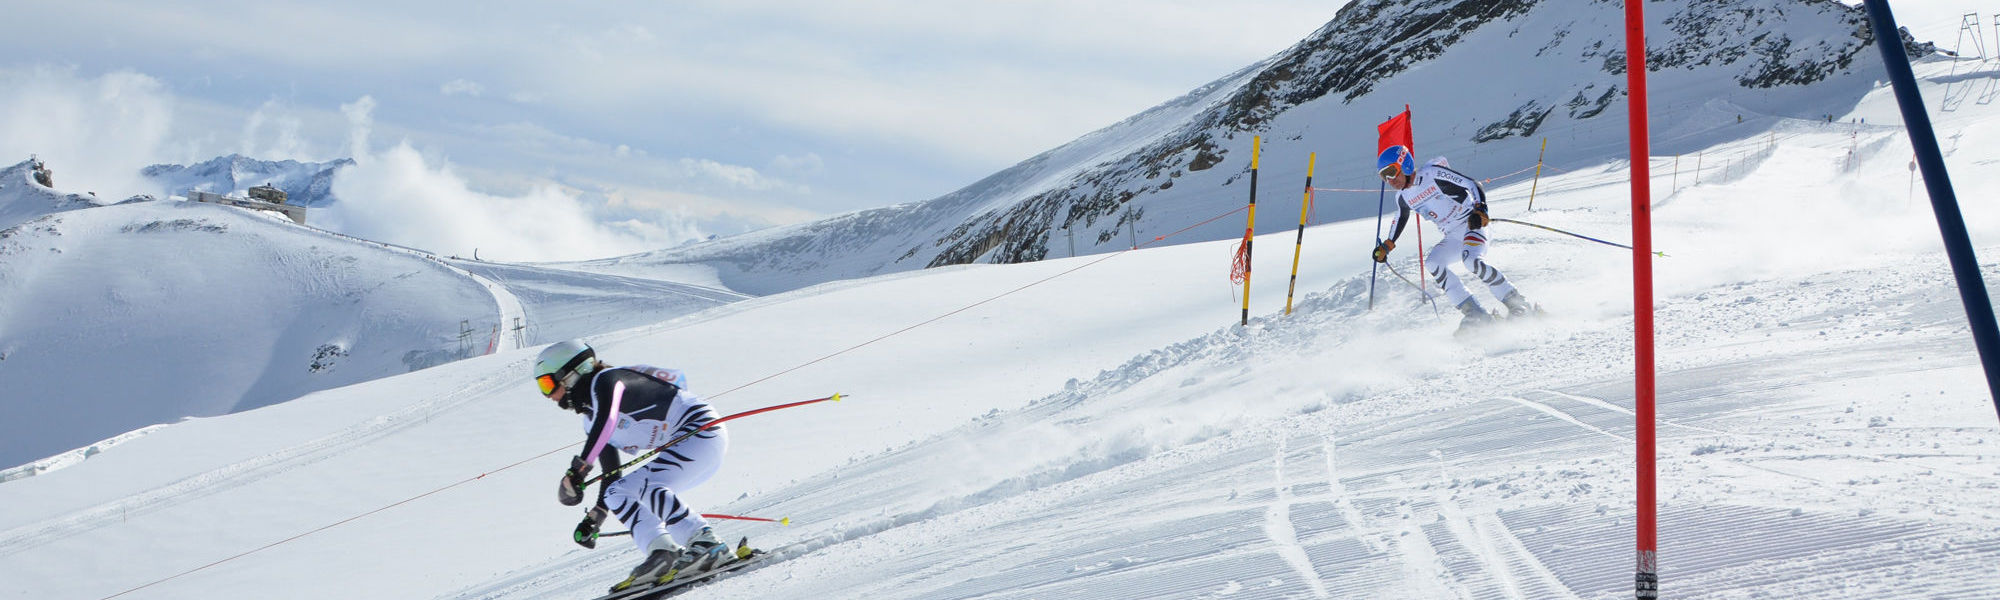 Ski fahren Saas-Fee